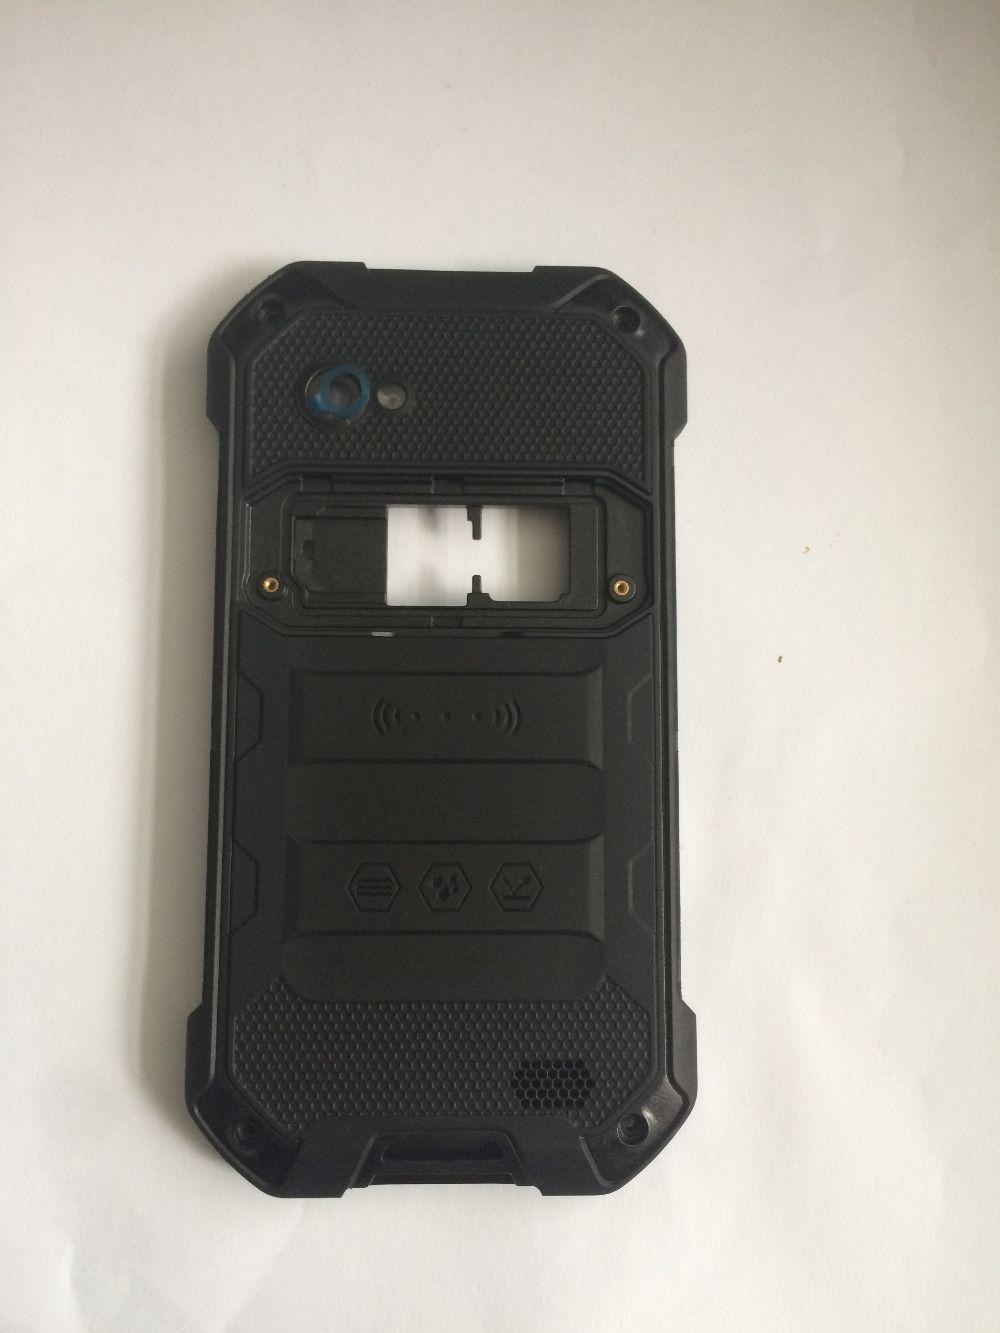 Nouveau couvercle de batterie + haut-parleur pour Blackview BV6000 BV6000S 1280x720 livraison gratuite + numéro de suivi